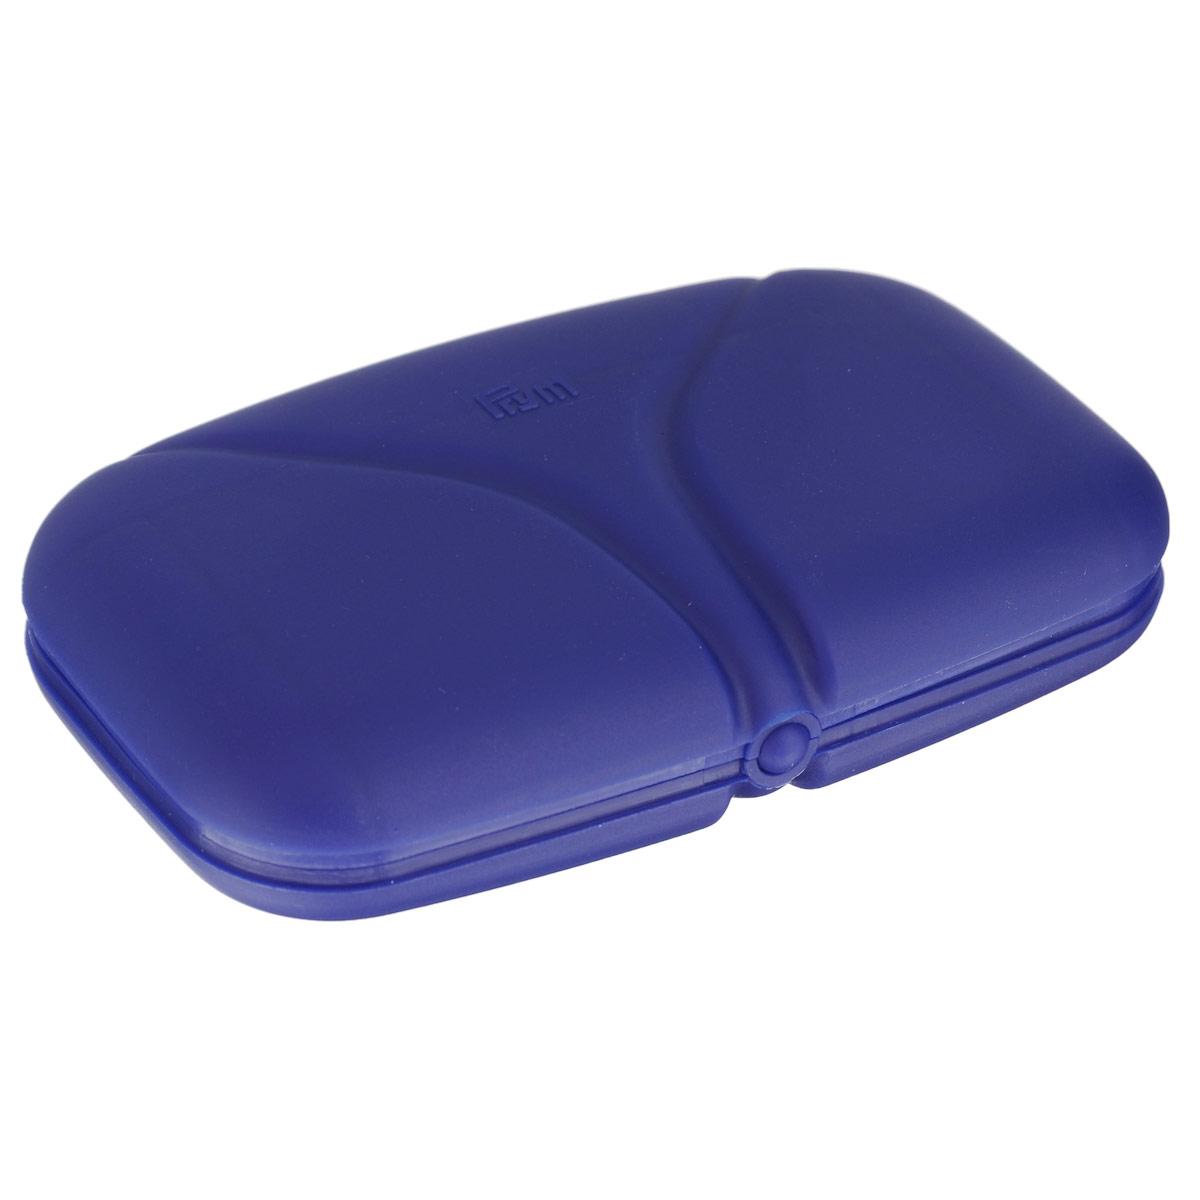 Швейный набор Prym, для путешествий и домашнего хозяйства, цвет: фиолетовый651239Швейный набор Prym состоит из пришивных кнопок, пуговиц для рубашки, трех игл для шитья, нитей разных цветов, булавок, нитевдевателя, английских булавок, ножниц, измерительной ленты, распарывателя швов, булавки для протягивания резинки, наперстка, ножниц. Предметы набора хранятся в пластиковом чехле. Этот компактный набор станет не заменимым помощником в путешествиях и командировках. Размер игл: №18-24. Размер ножниц: 8,5 см х 4,5 см х 0,3 см. Длина игл: 3,8 см; 3,4 см. Длина распарывателя: 6,5 см. Длина ленты: 1,5 м. Размер чехла: 13 см х 8 см х 2,5 см.